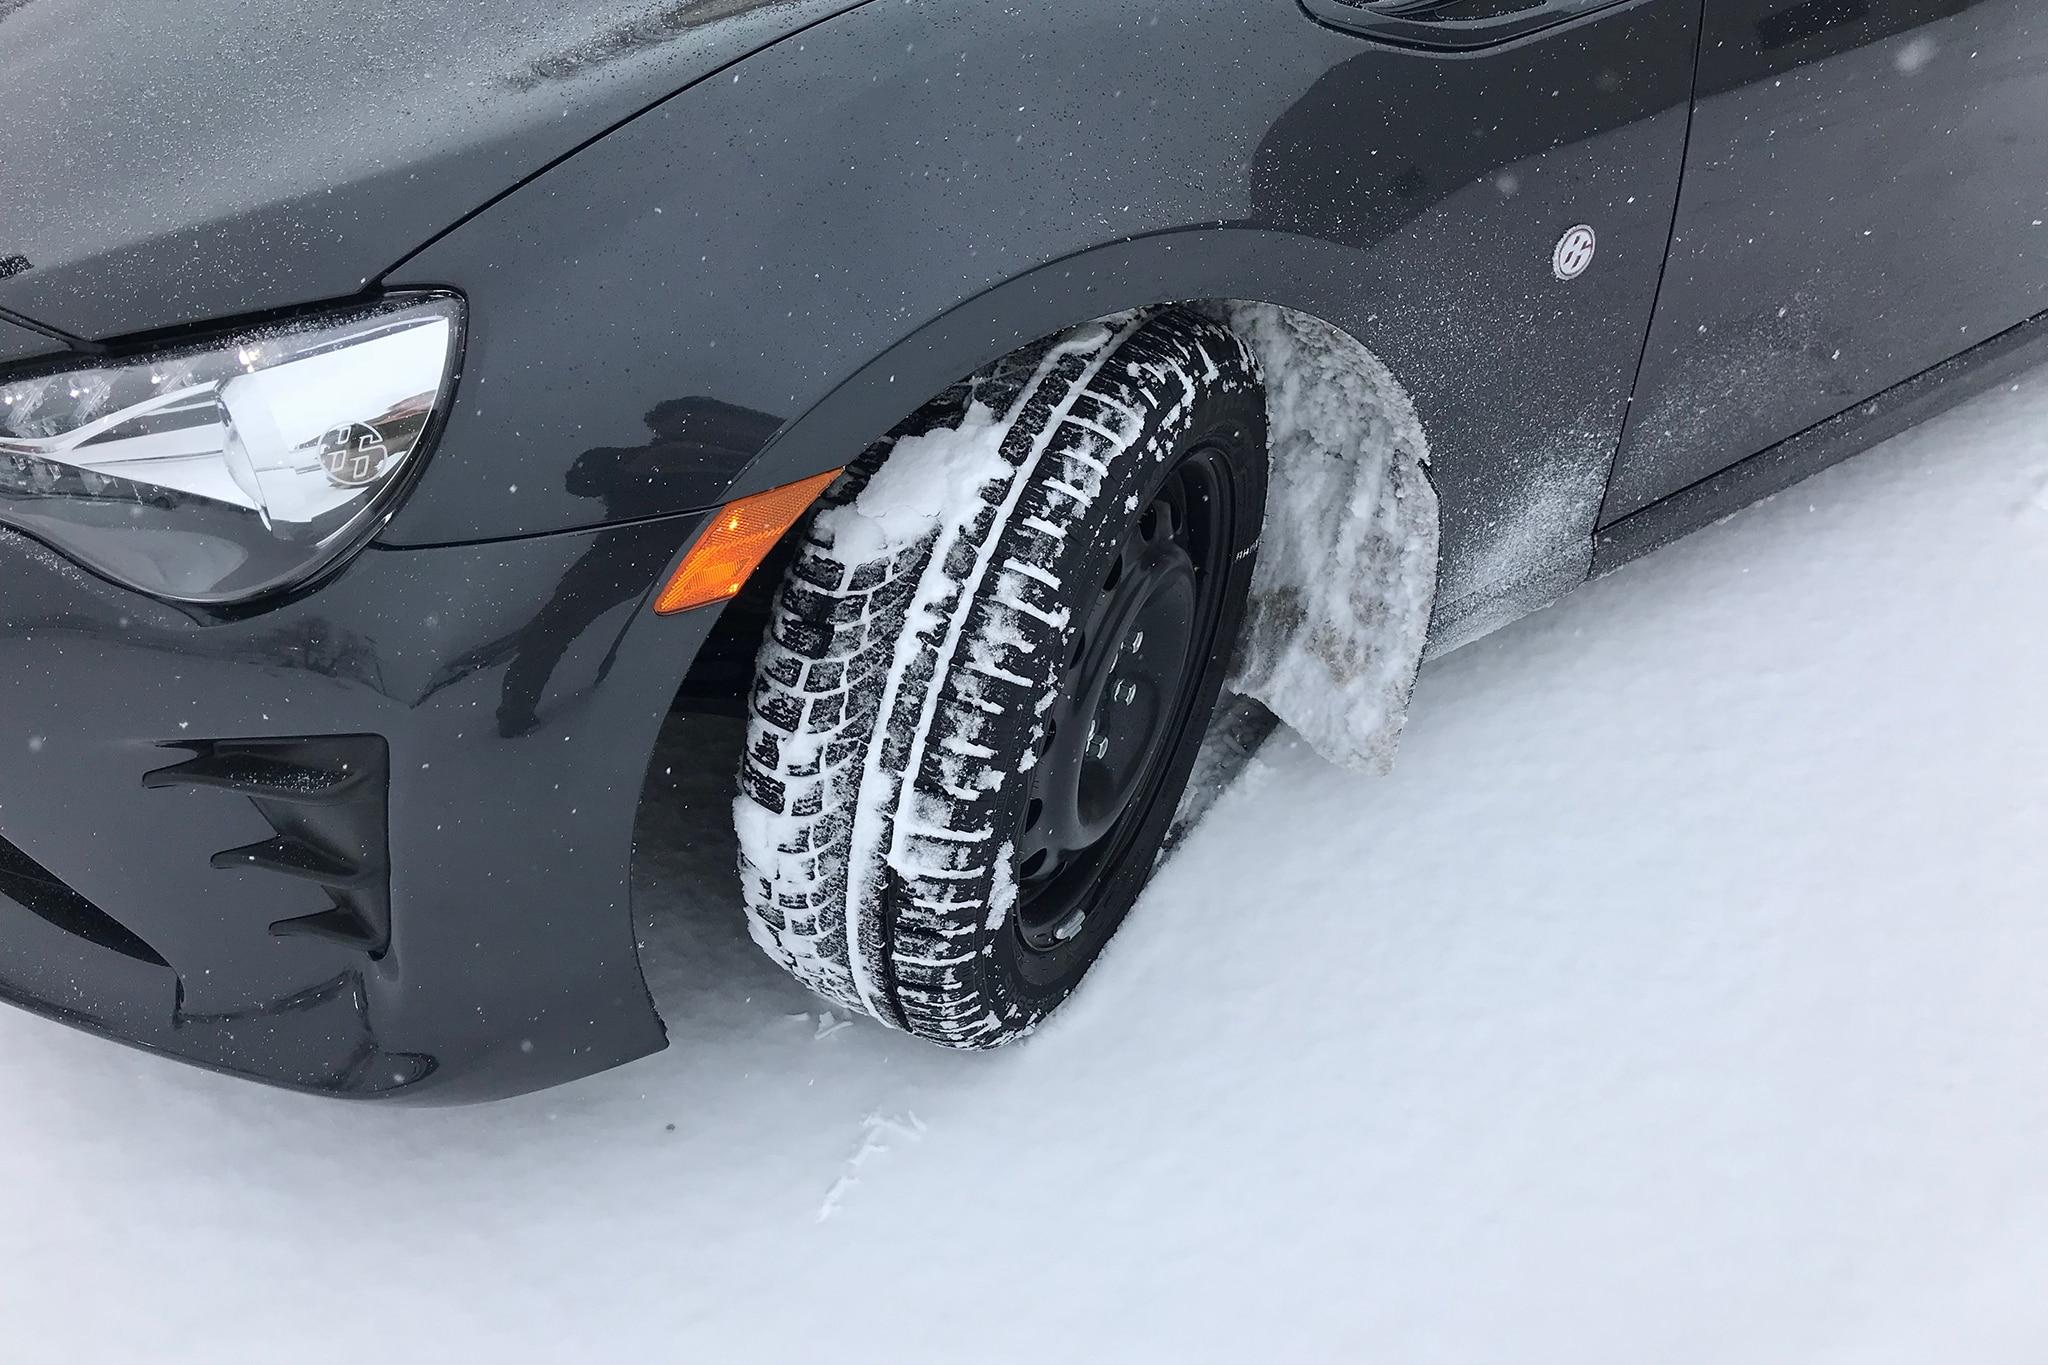 9b7f1f801ce Nokian WR G4 Tire: It's All-Weather, Not All-Season | Automobile ...